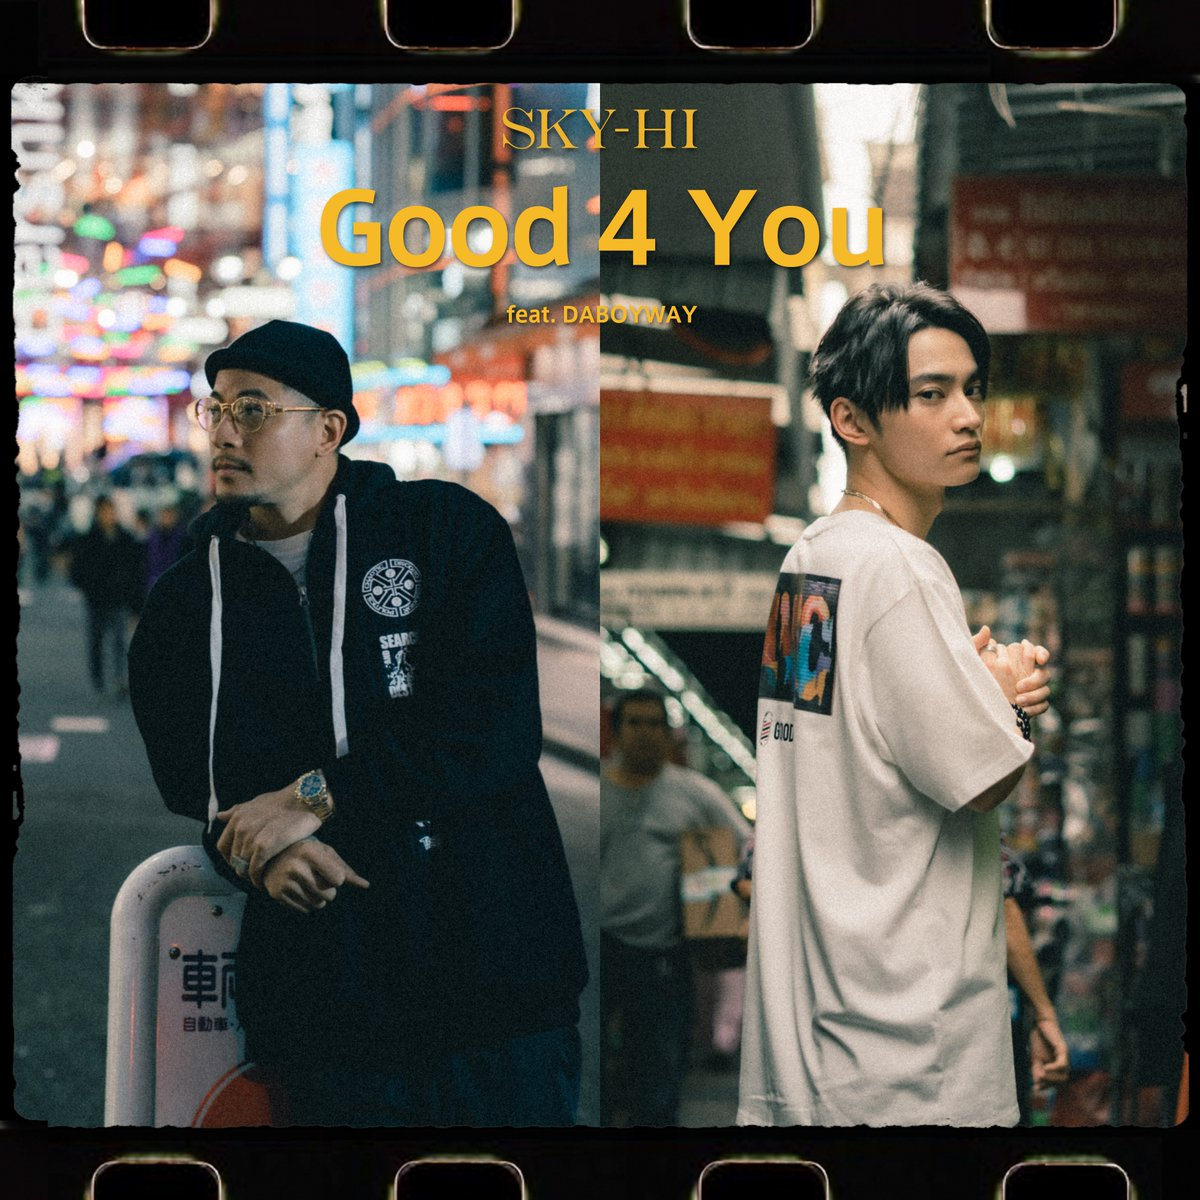 SKY-HI - Good 4 You feat. DABOYWAY